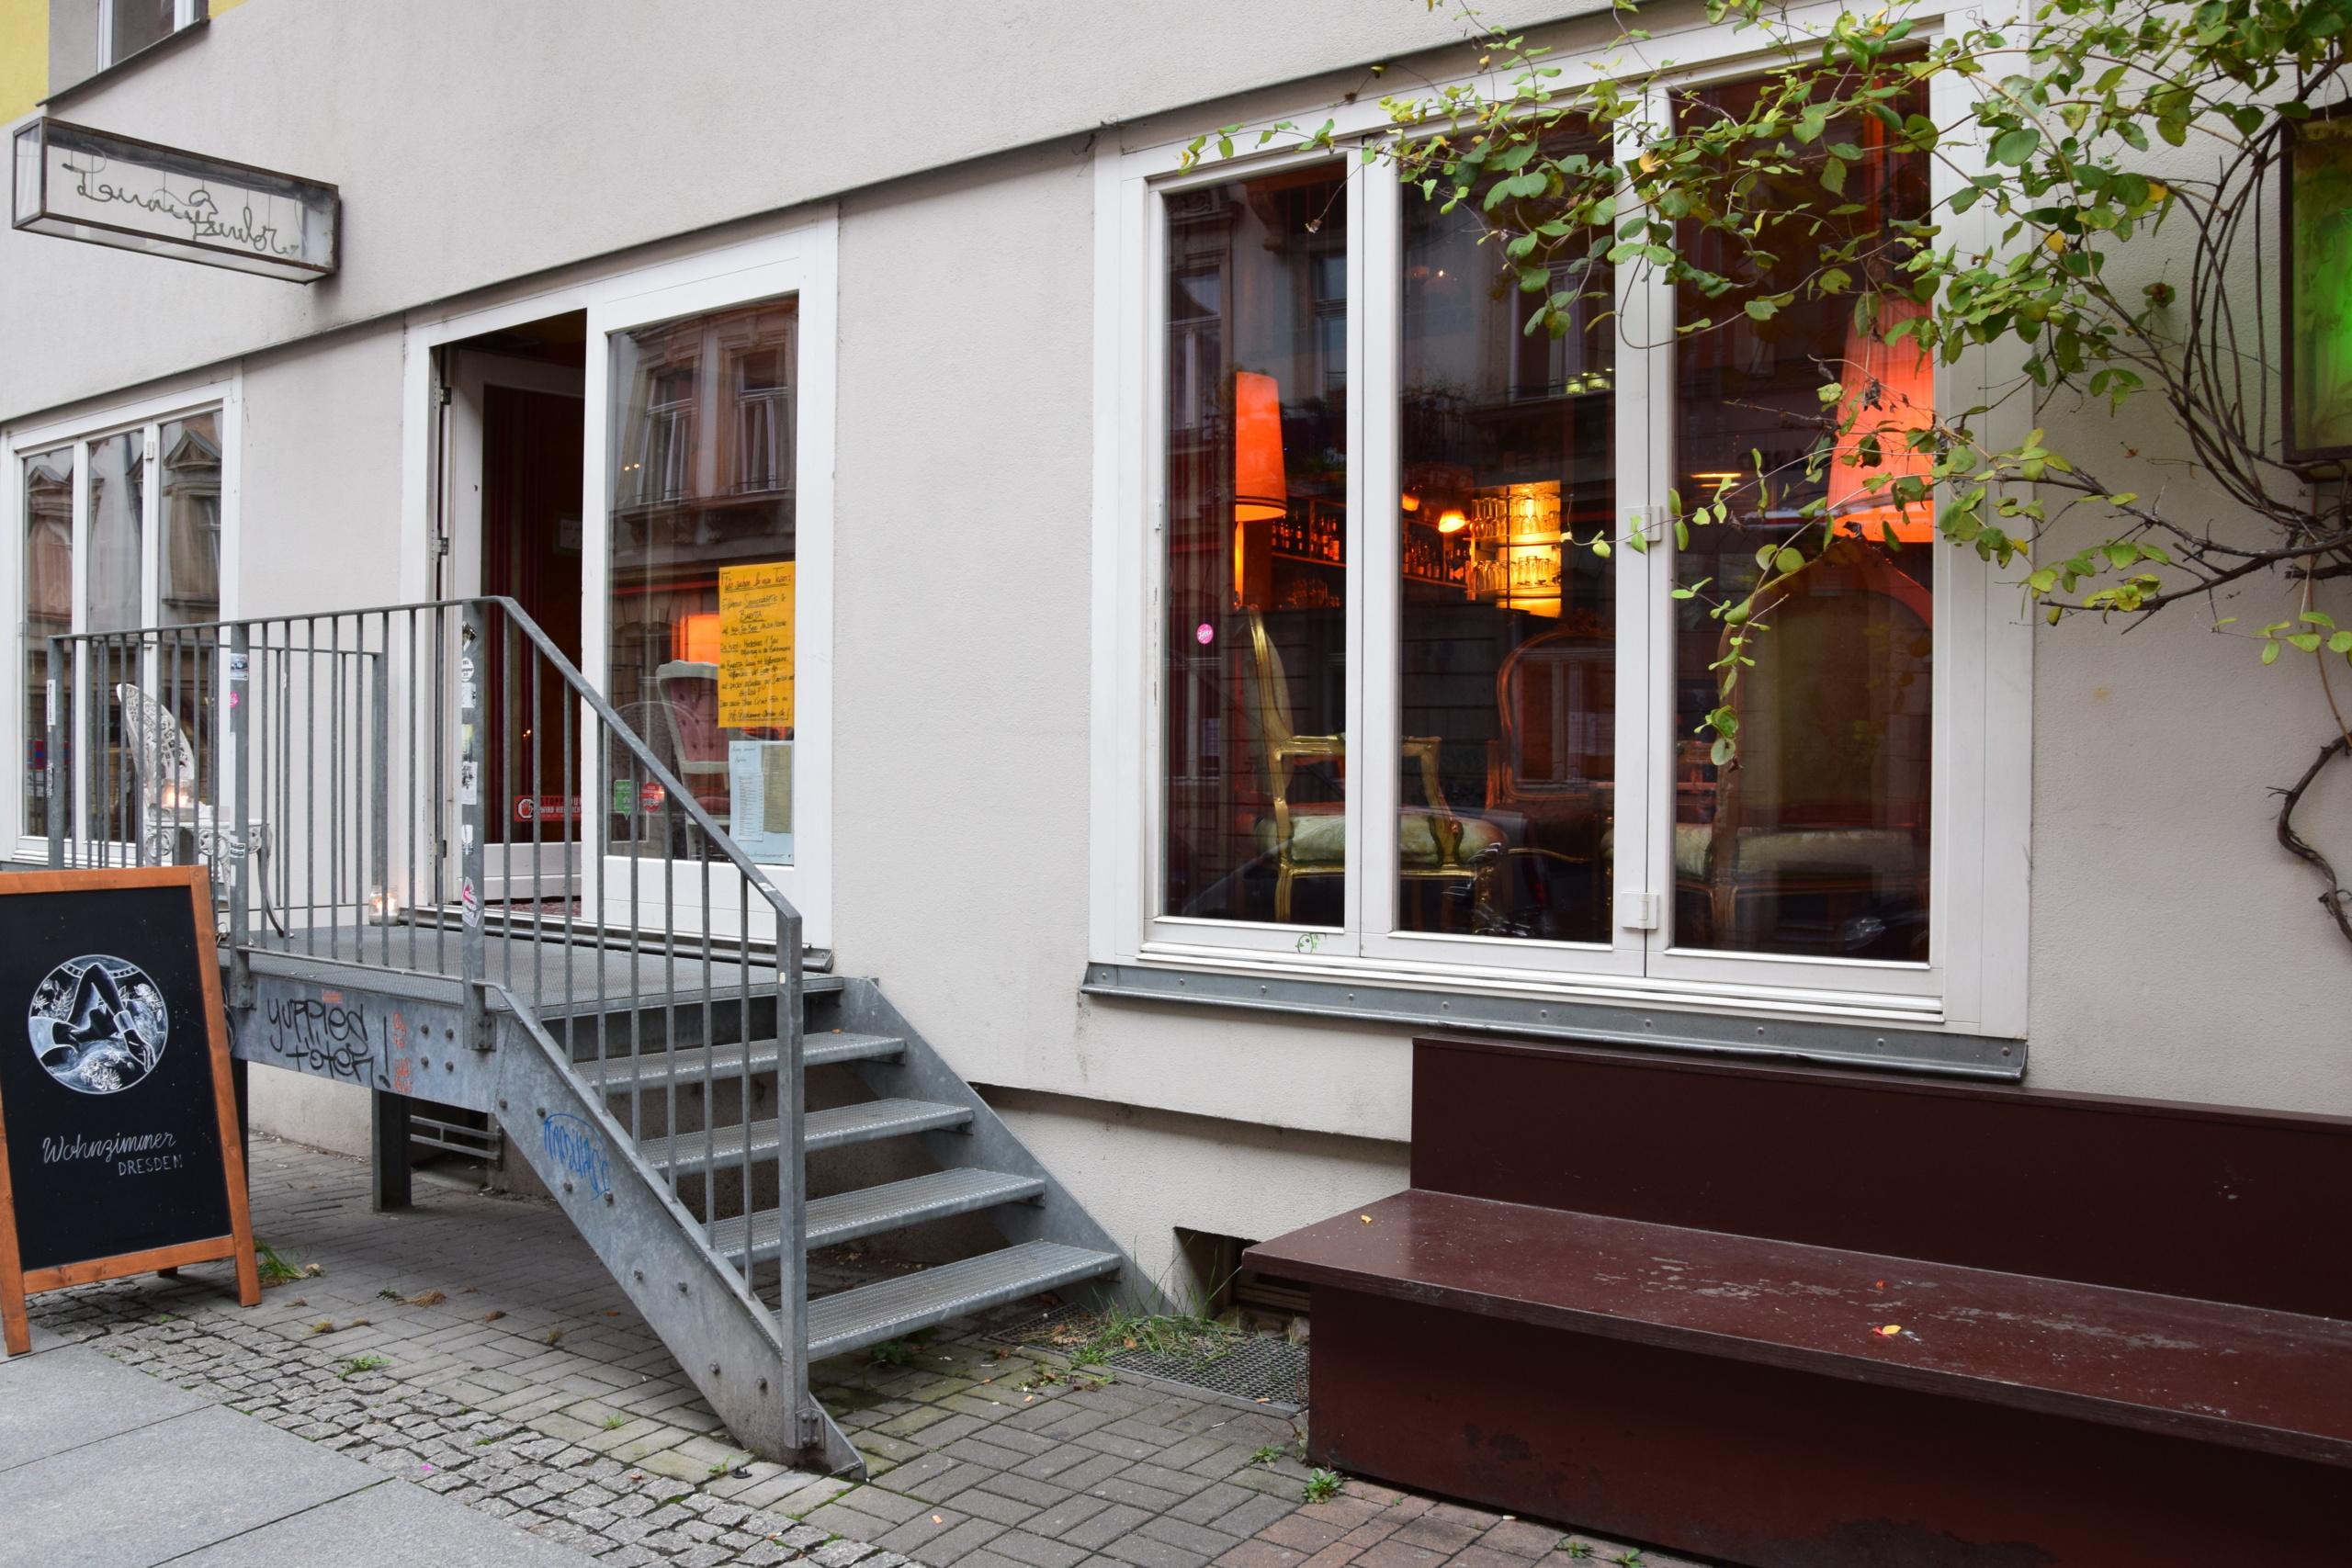 wohnzimmer ffnungszeiten jordanstra e in dresden. Black Bedroom Furniture Sets. Home Design Ideas